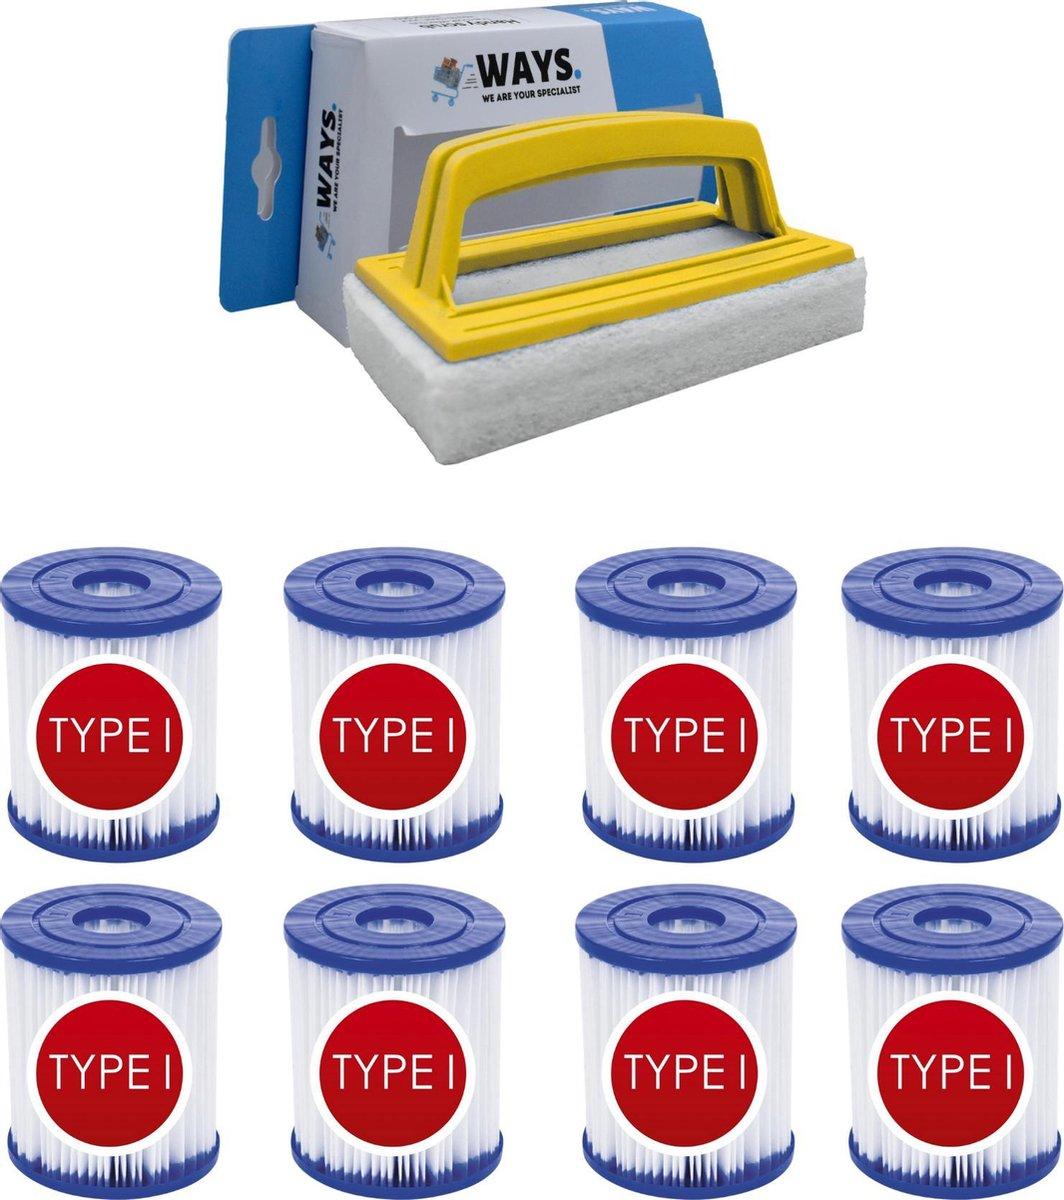 Bestway - Type I filters geschikt voor filterpomp 58381 - 8 stuks & WAYS scrubborstel